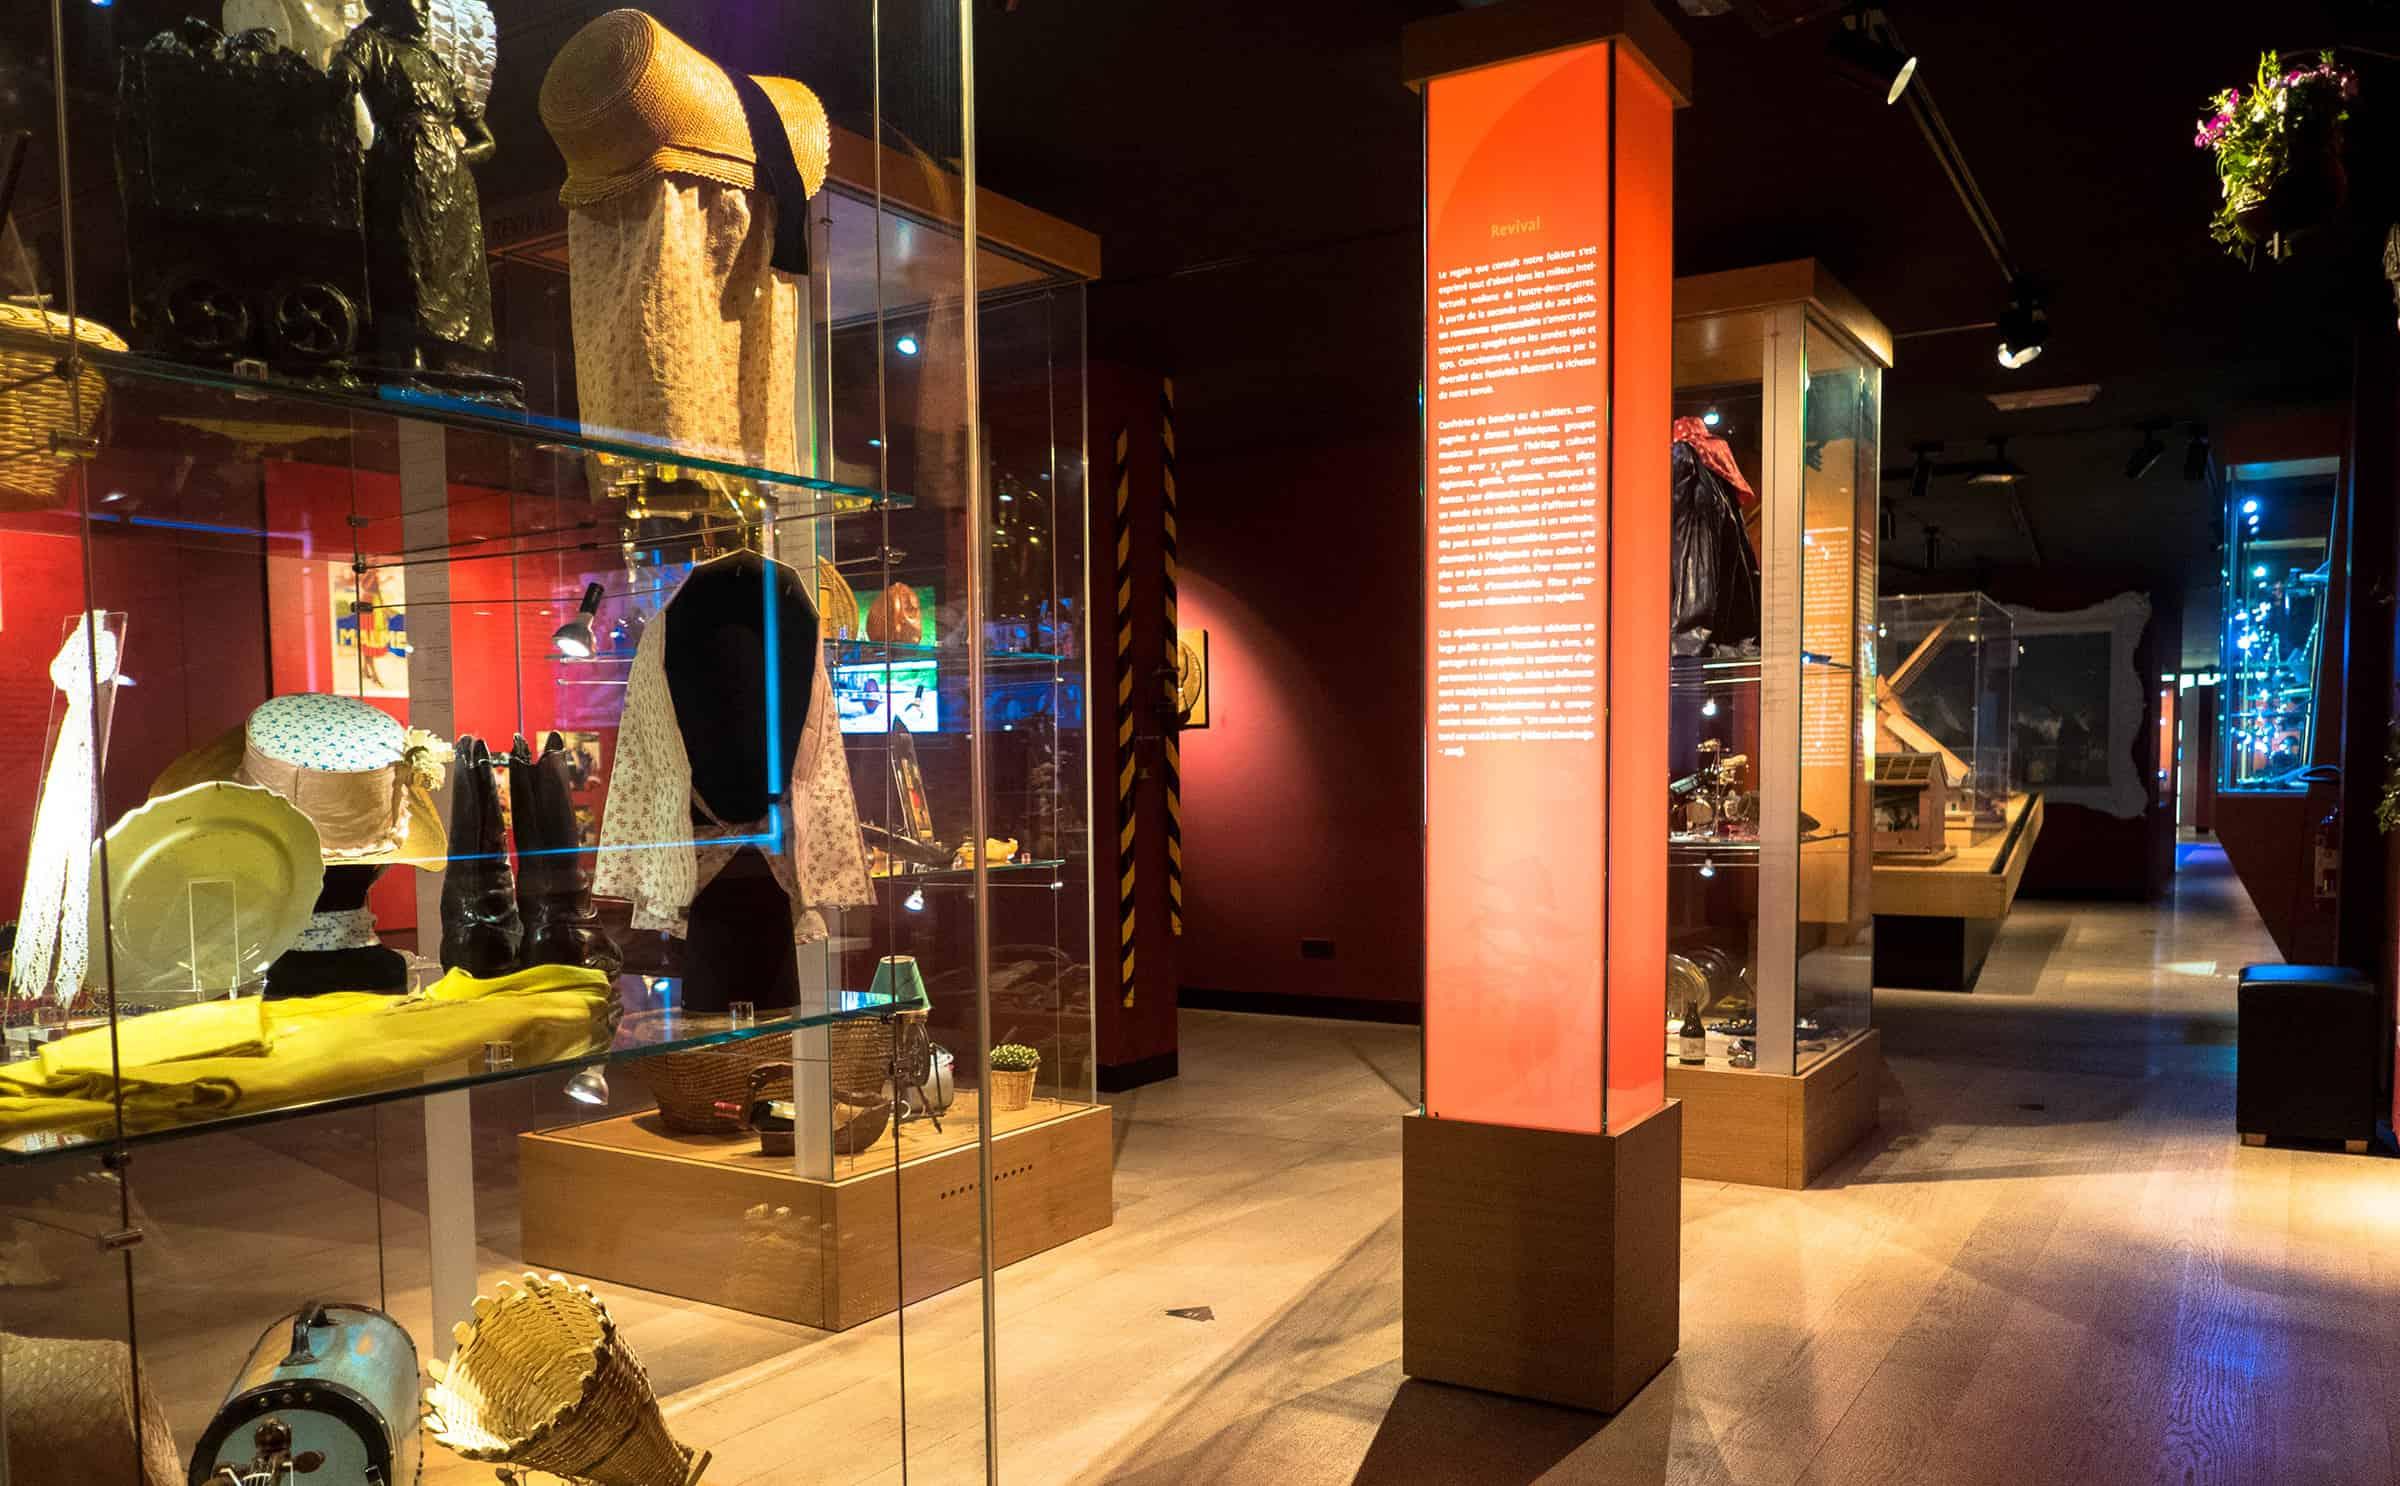 Musee de la Vie Wallonie 2